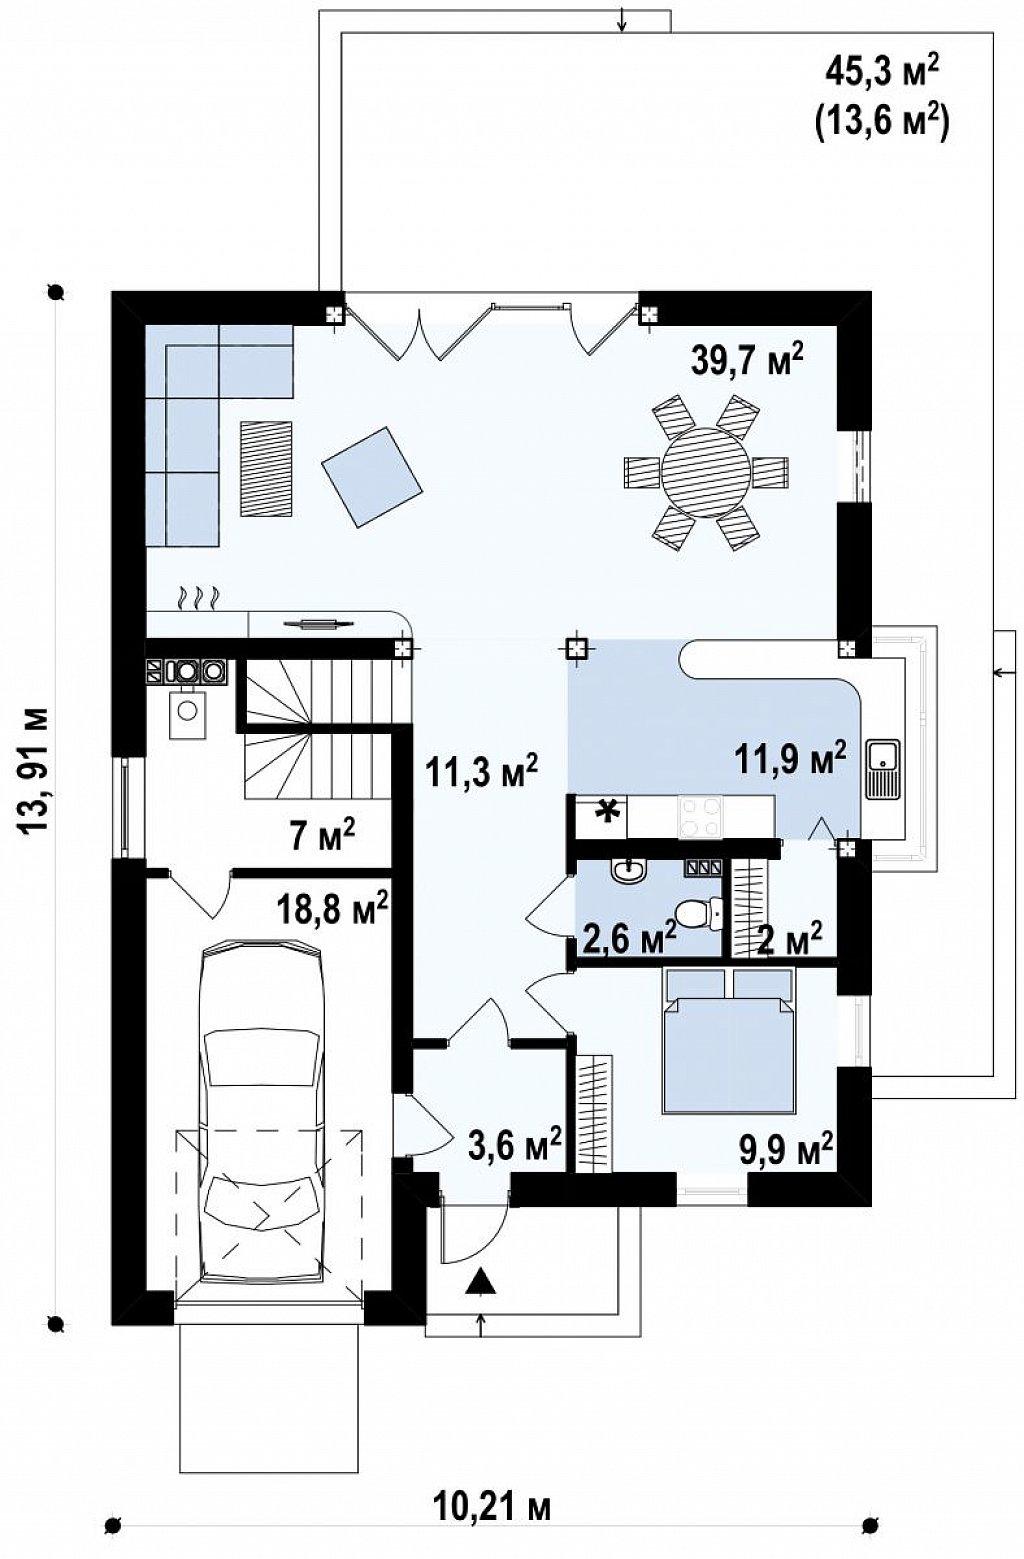 Стильный комфортный дом современного дизайна со встроенным гаражом. план помещений 1